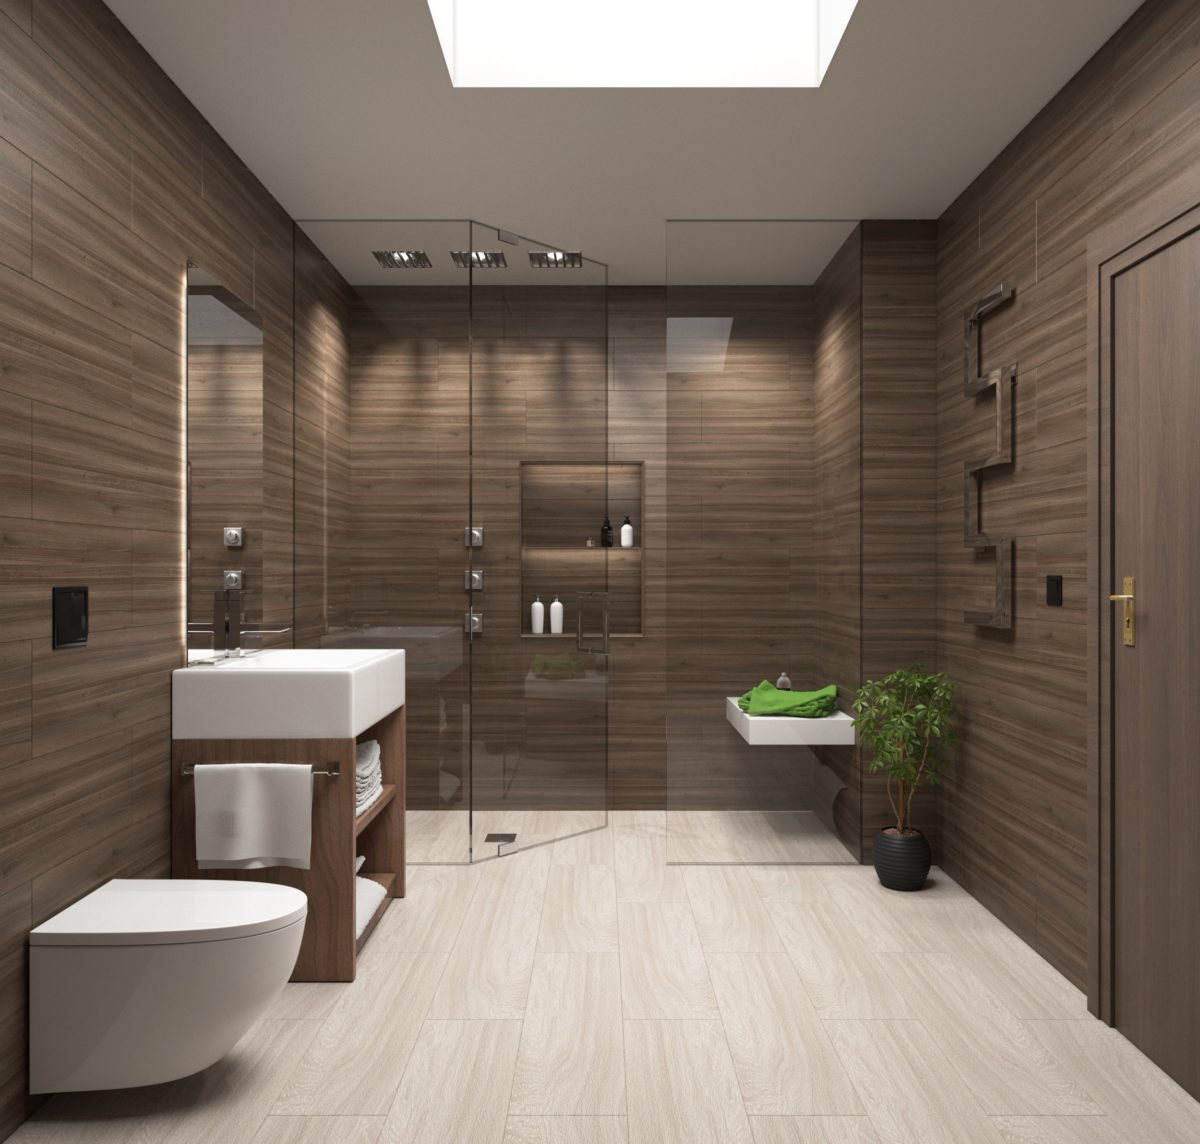 https://livinghip.nl/wp-content/uploads/2018/08/livinghip.nl-Wel-of-niet-doen-Een-houten-vloer-in-je-badkamer-1200x1144.jpg